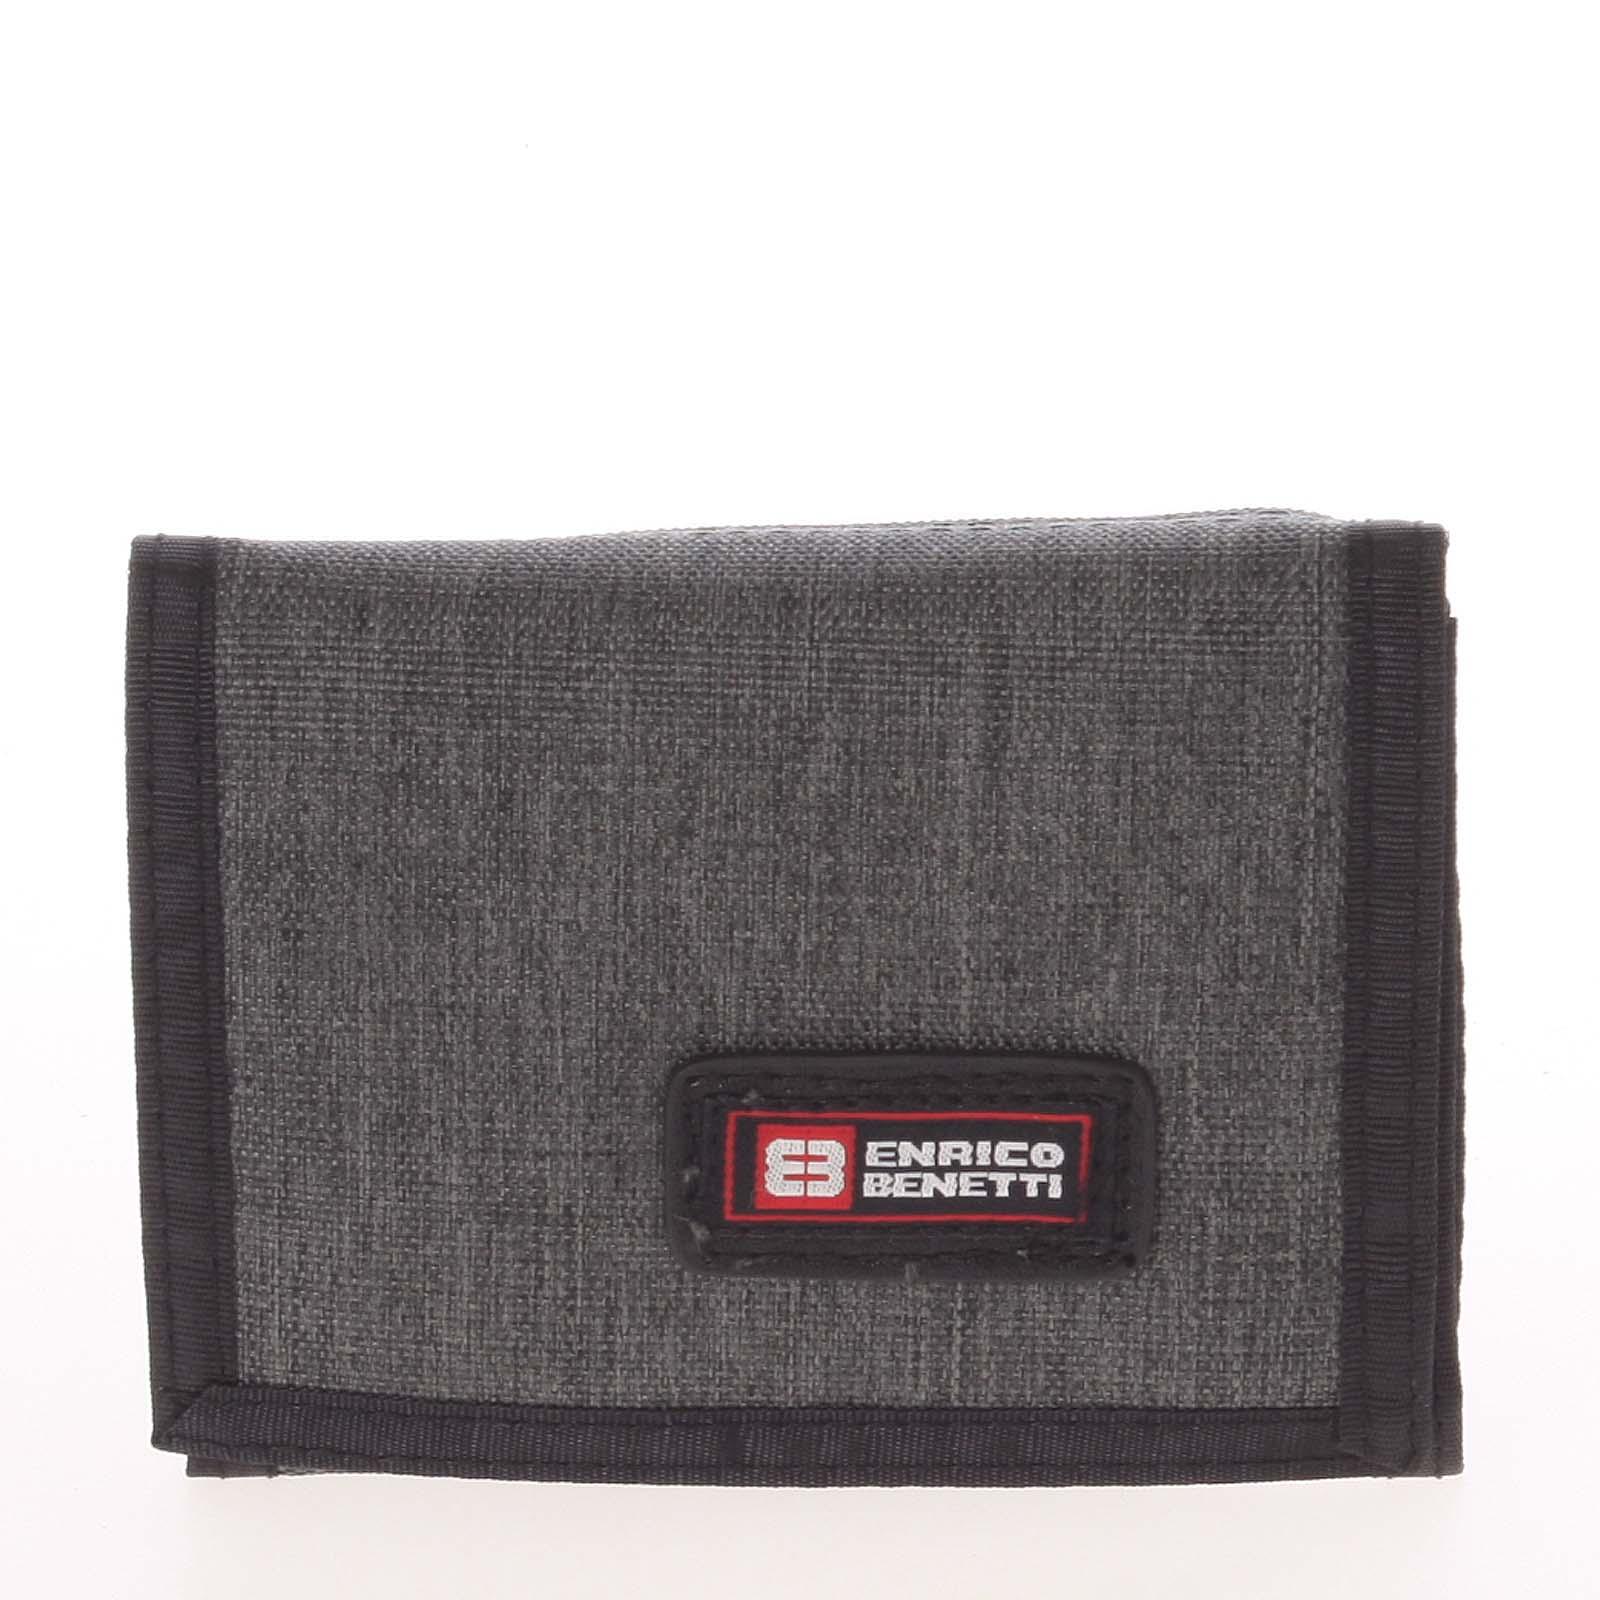 Peněženka látková tmavě šedá - Enrico Benetti 4500